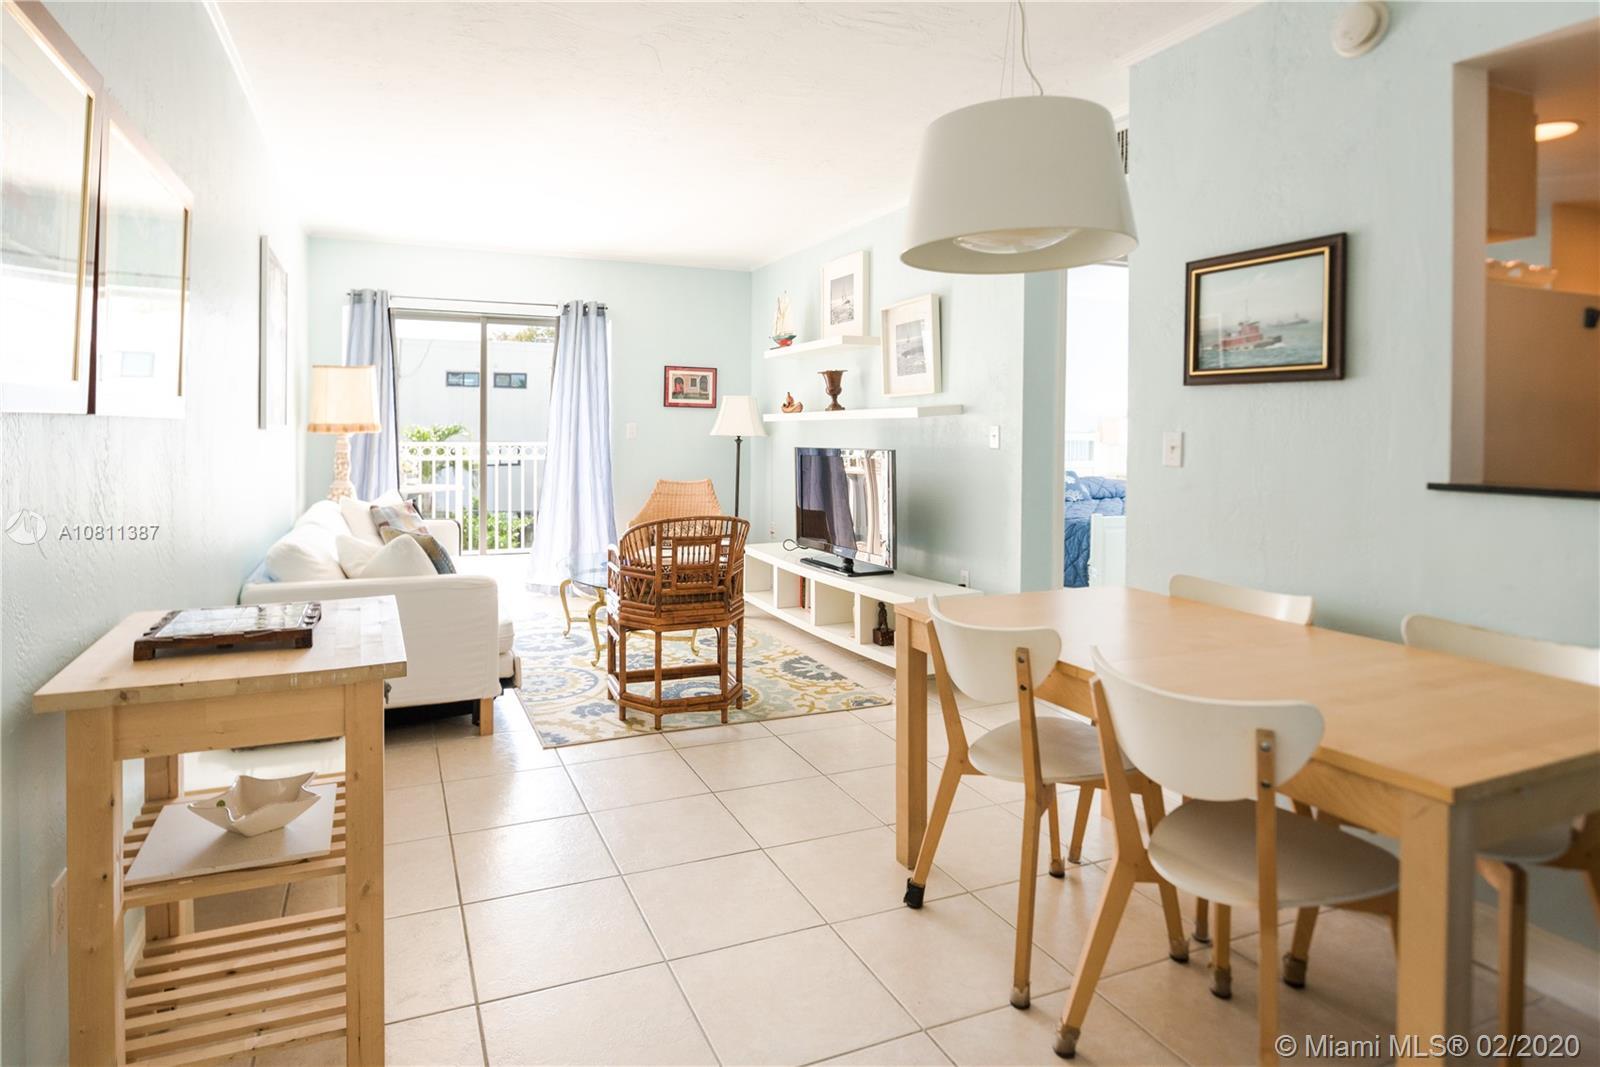 290 Sunrise Dr # J, Key Biscayne, Florida 33149, 1 Bedroom Bedrooms, ,1 BathroomBathrooms,Residential,For Sale,290 Sunrise Dr # J,A10811387